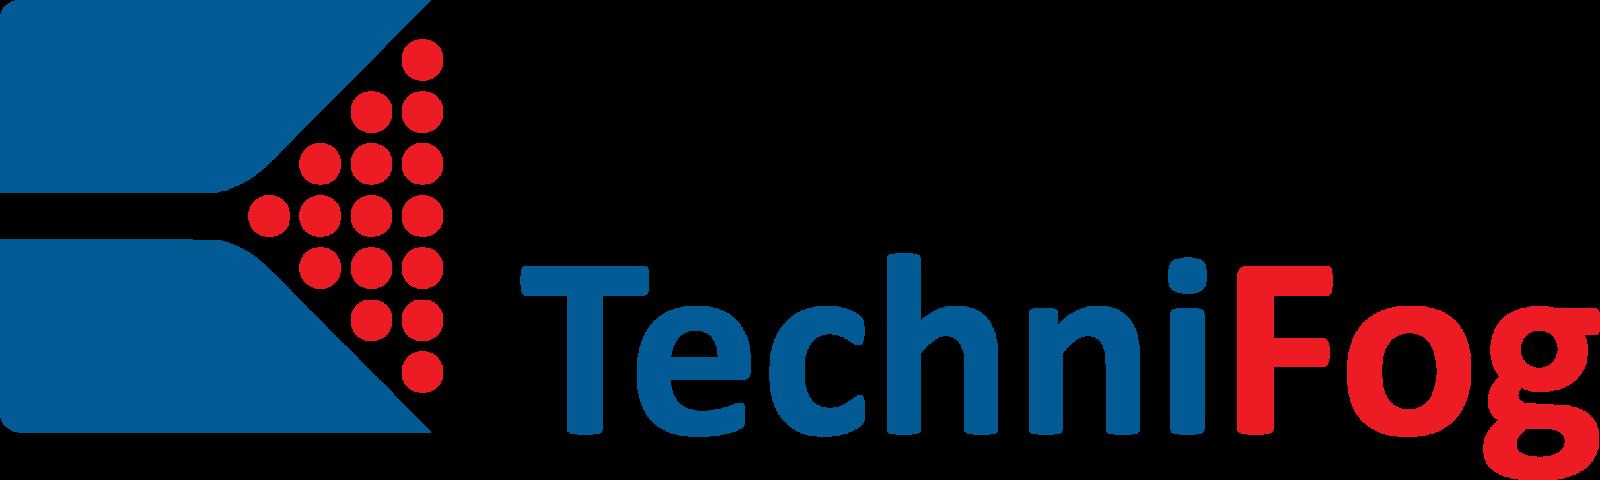 TechniFog-logo